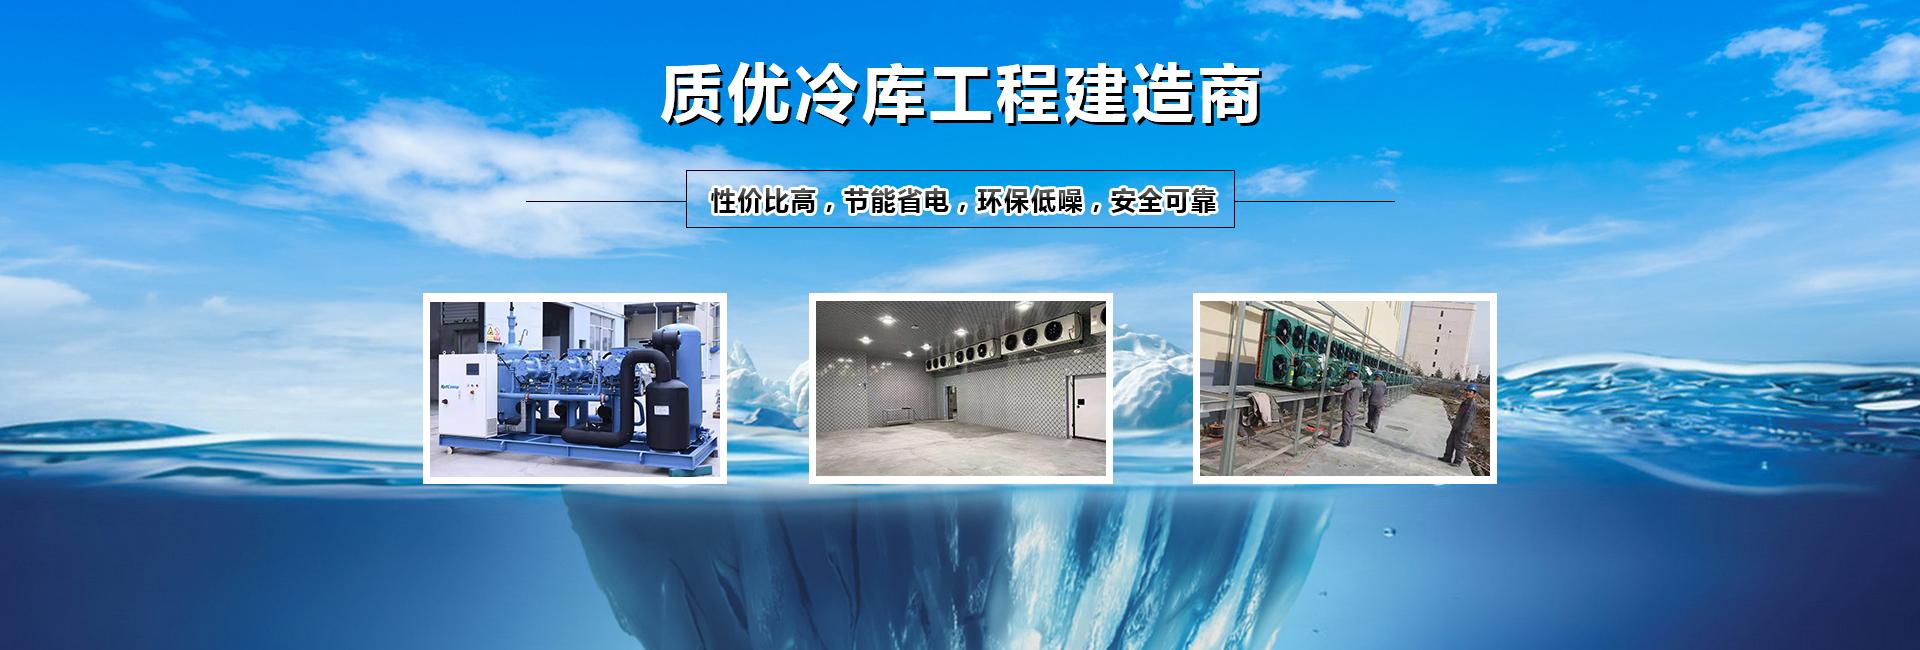 内蒙古制冷设备